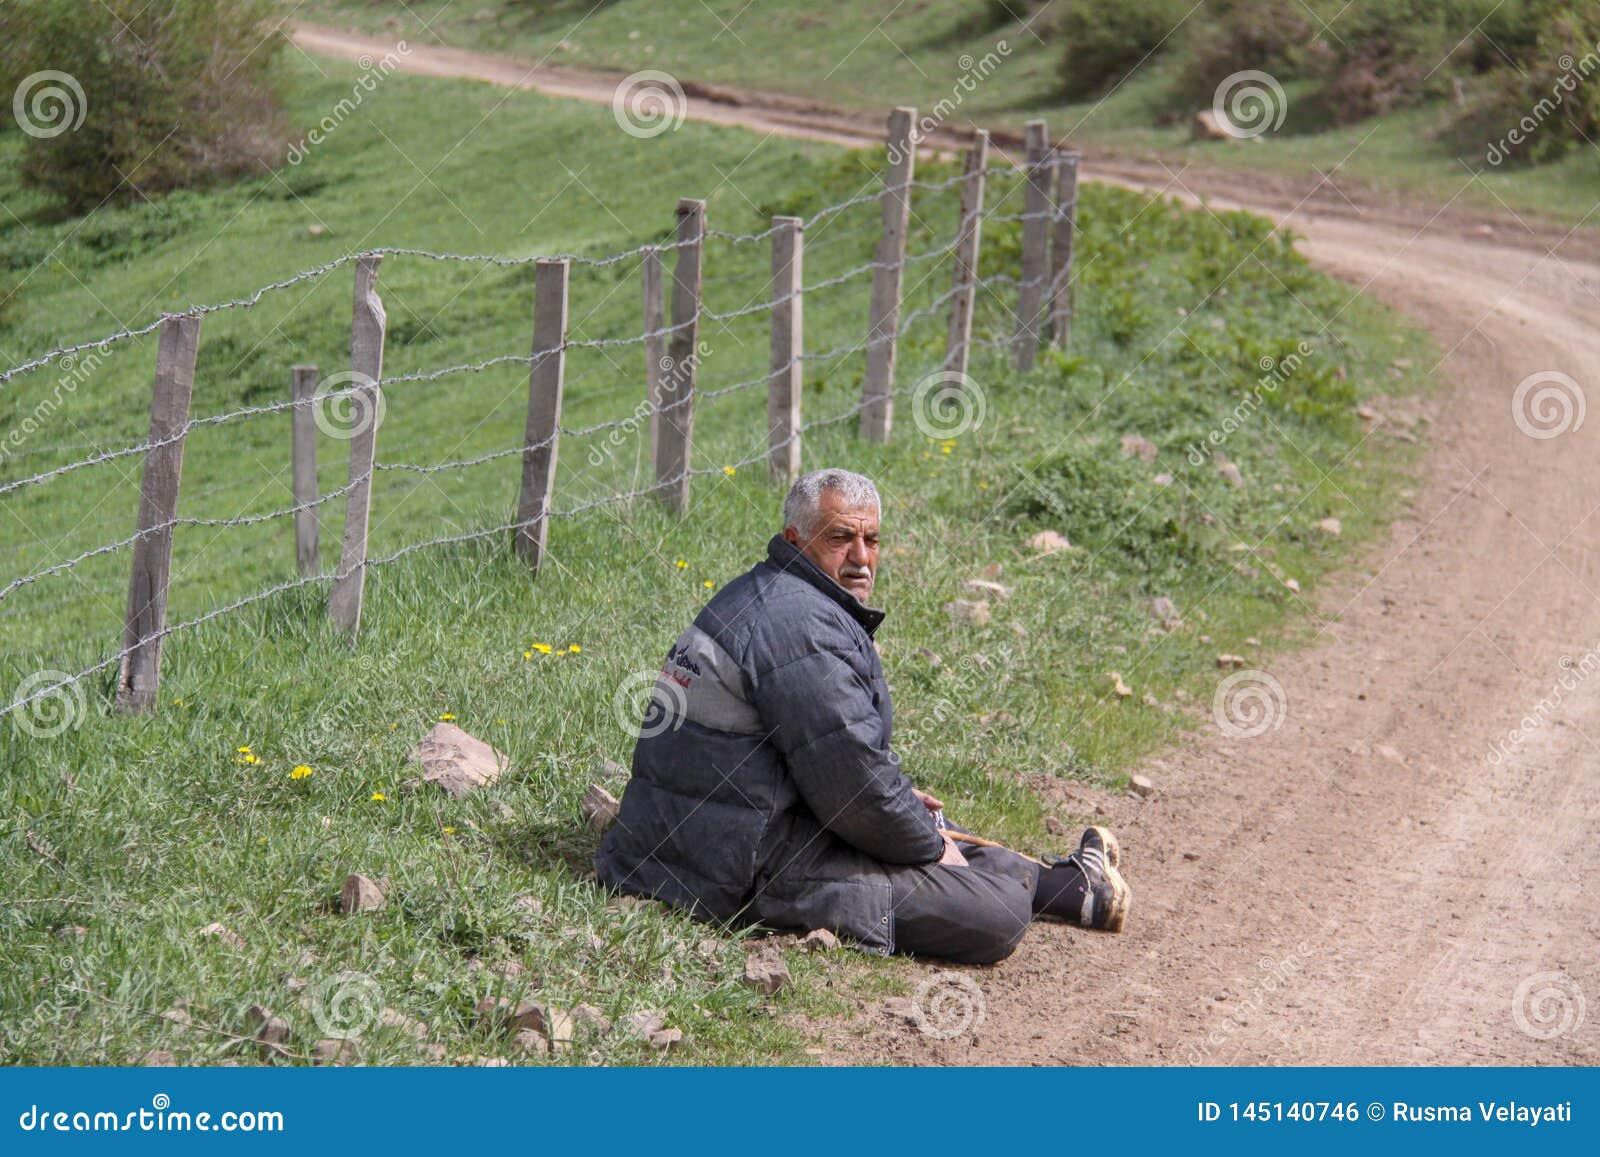 Incluyen a un hombre rural cansado que se sienta al lado del camino en el piso, una granja con una cerca, Irán, Gilan